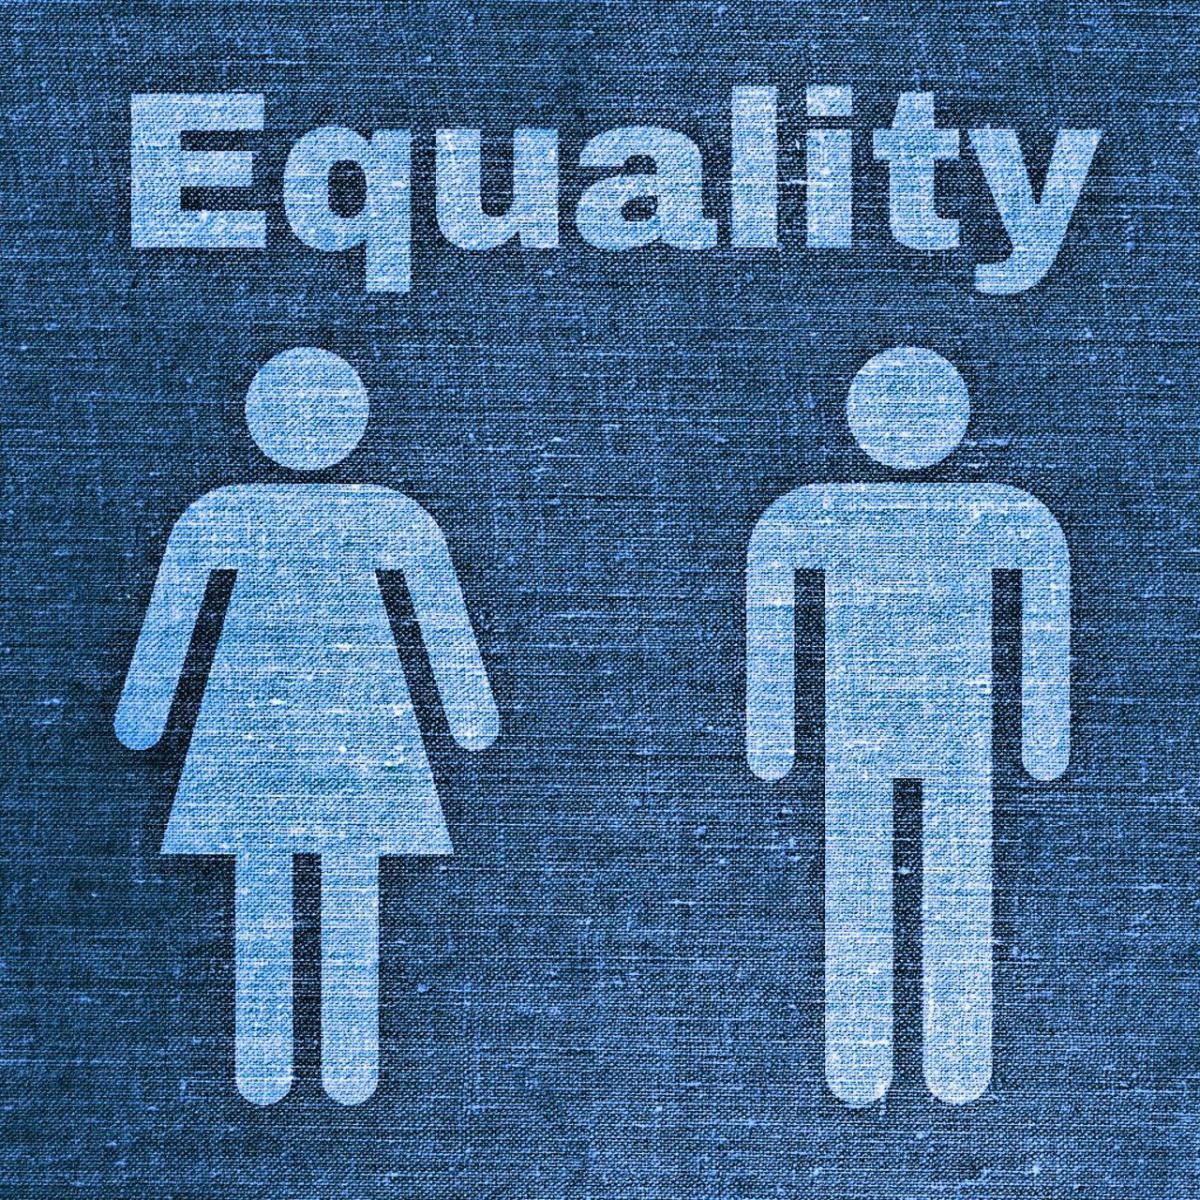 Egalité Professionelle - RVF